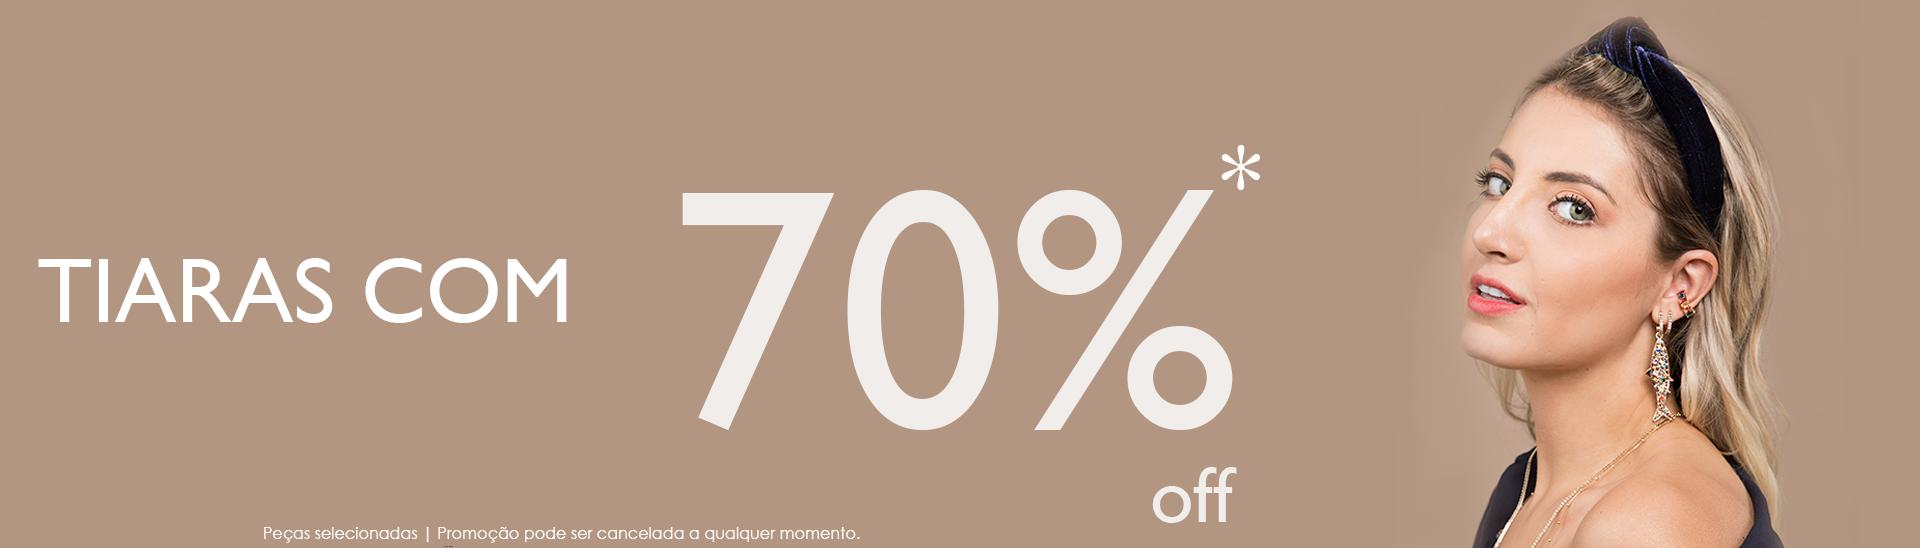 tiara 70%off